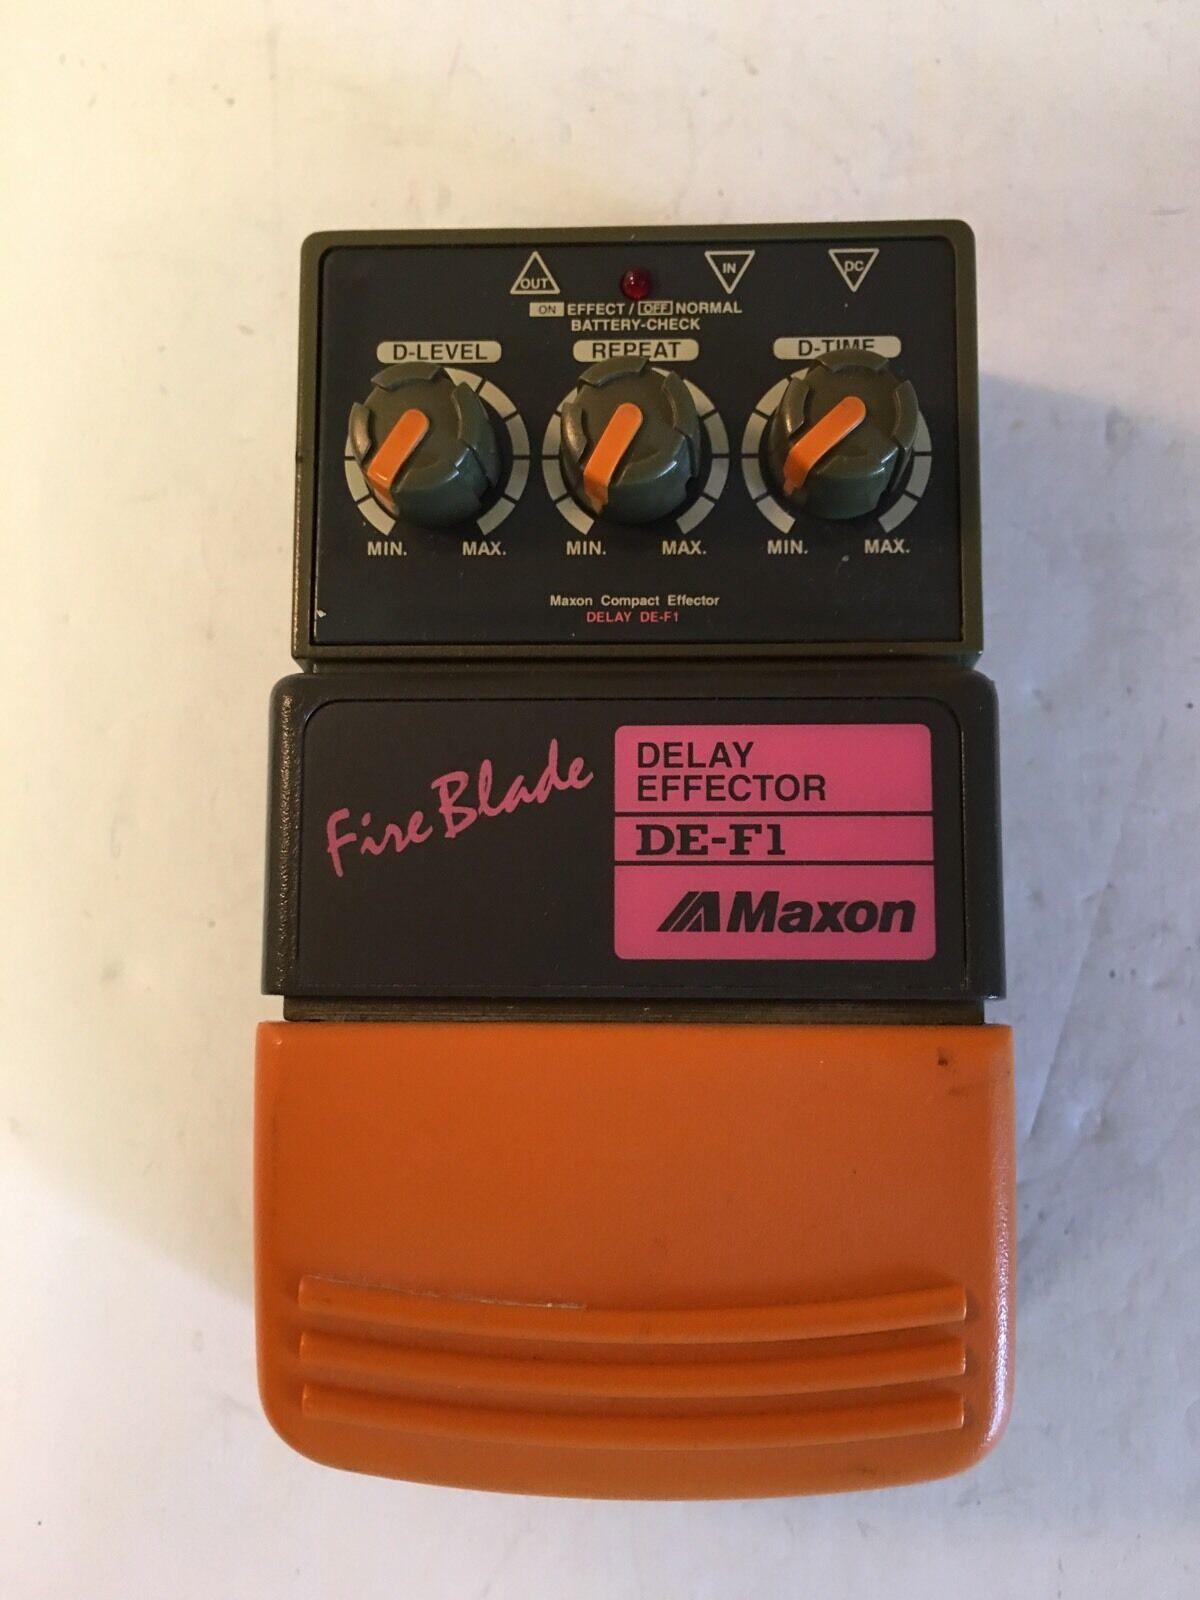 Maxon De-F1 Fire Blade Digital Verzögerung Selten Retro Gitarren Effekt Pedal